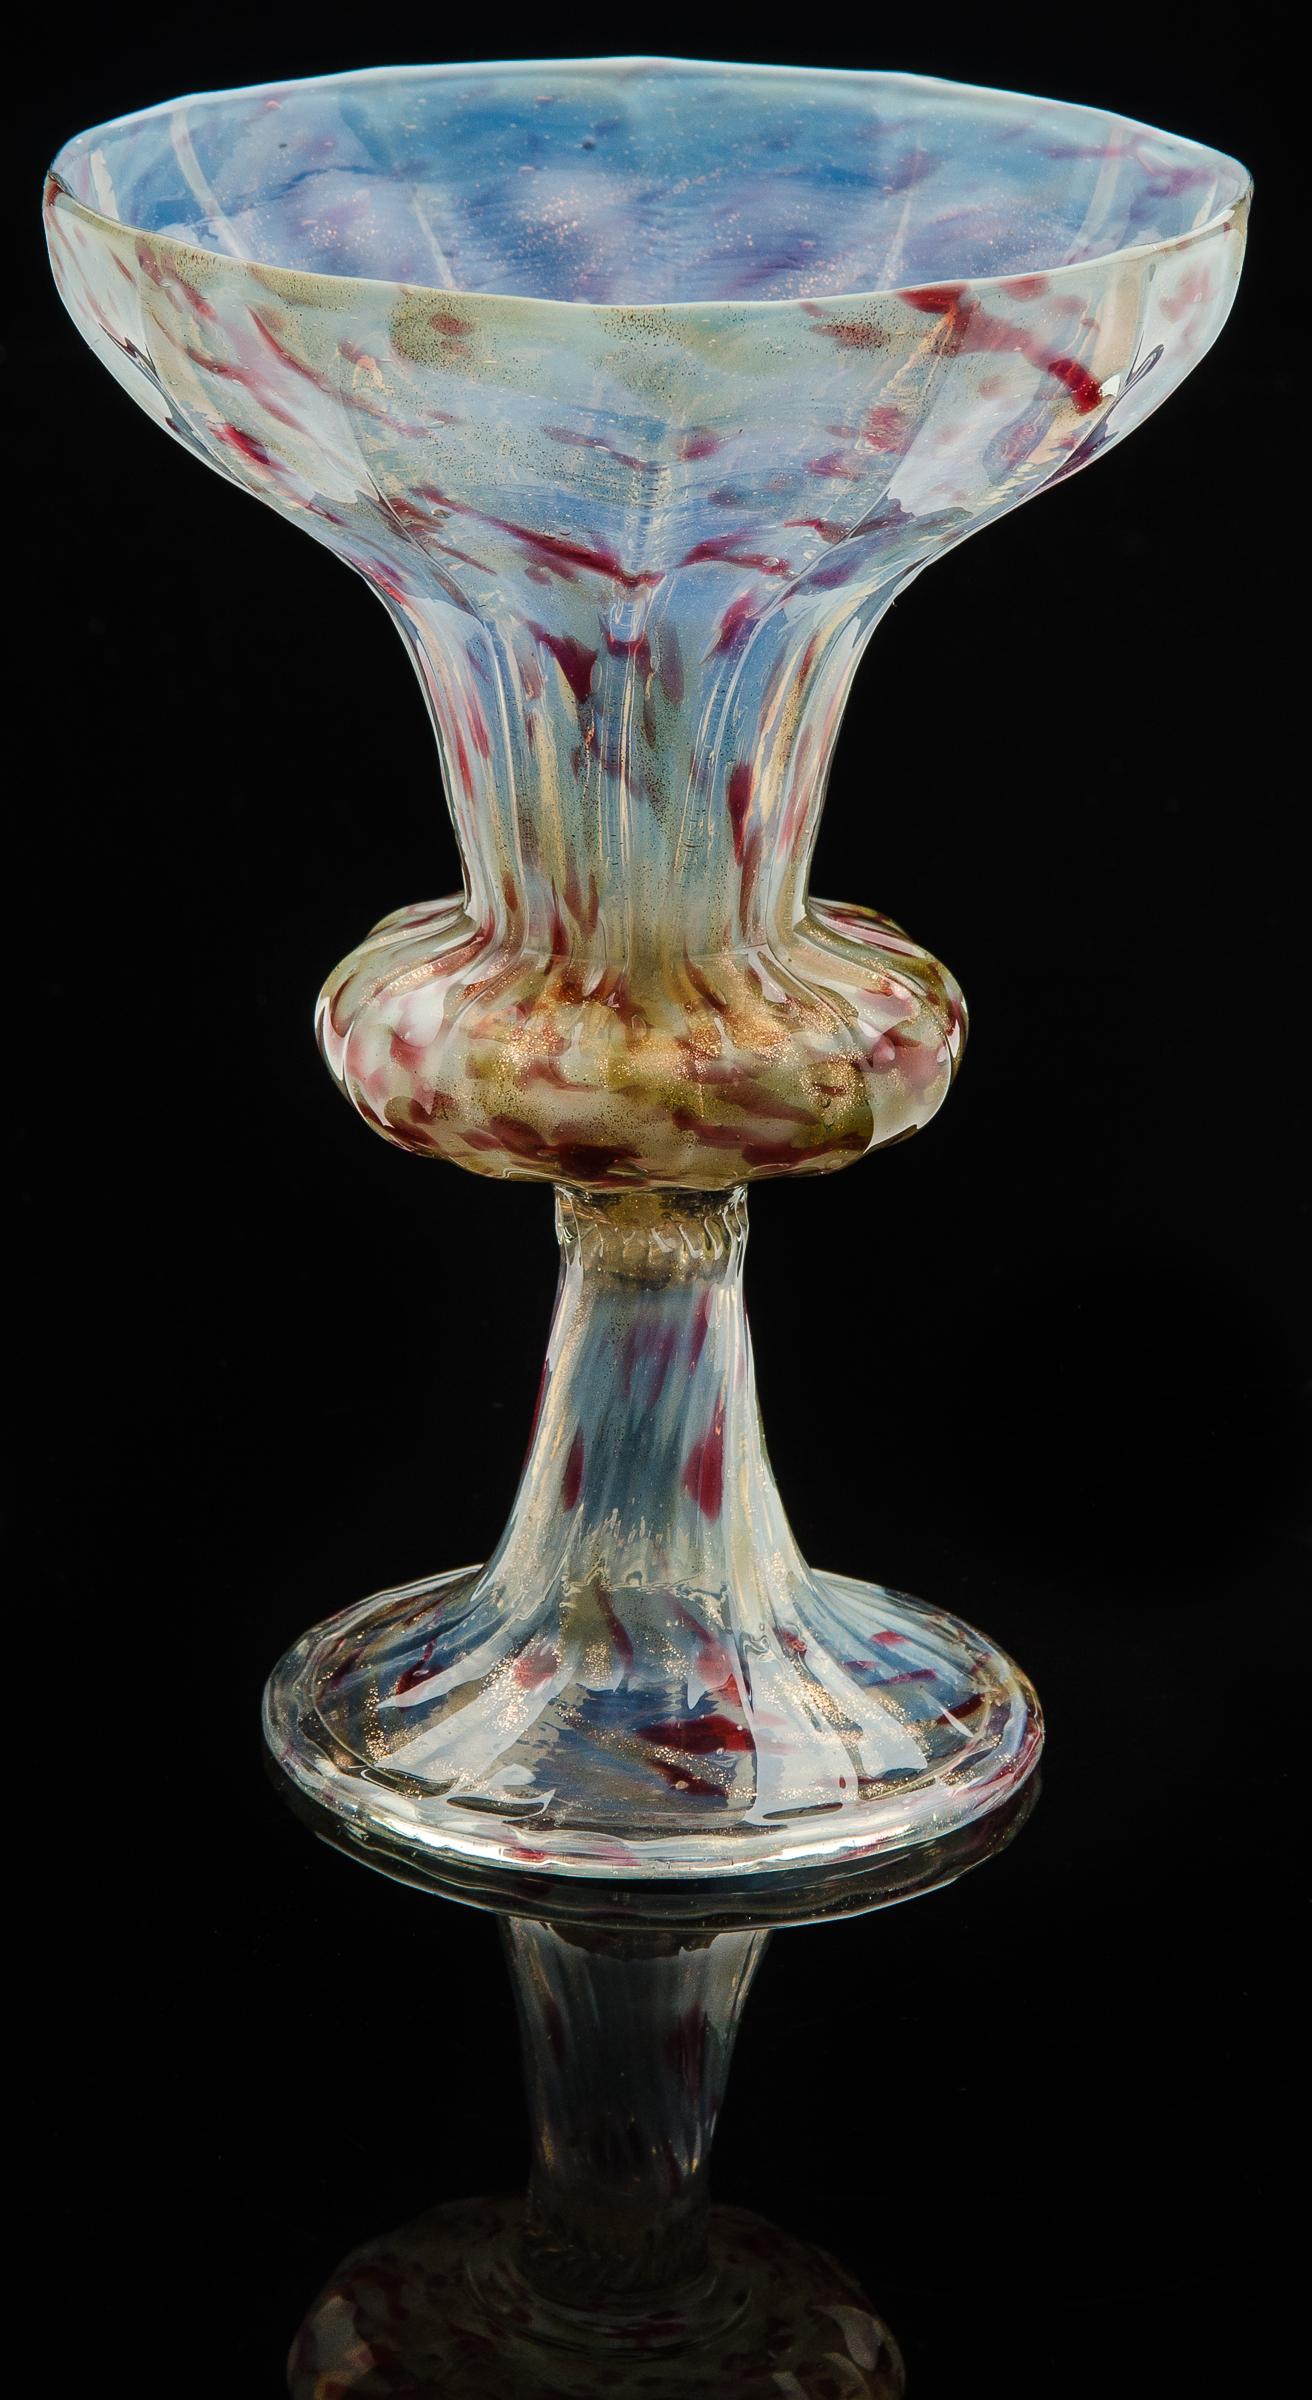 Societa Anonima per Salviati,  Opalescent Goblet with Ribbed Bowl  (1866, glass, 7 1/16 inches), VV.333